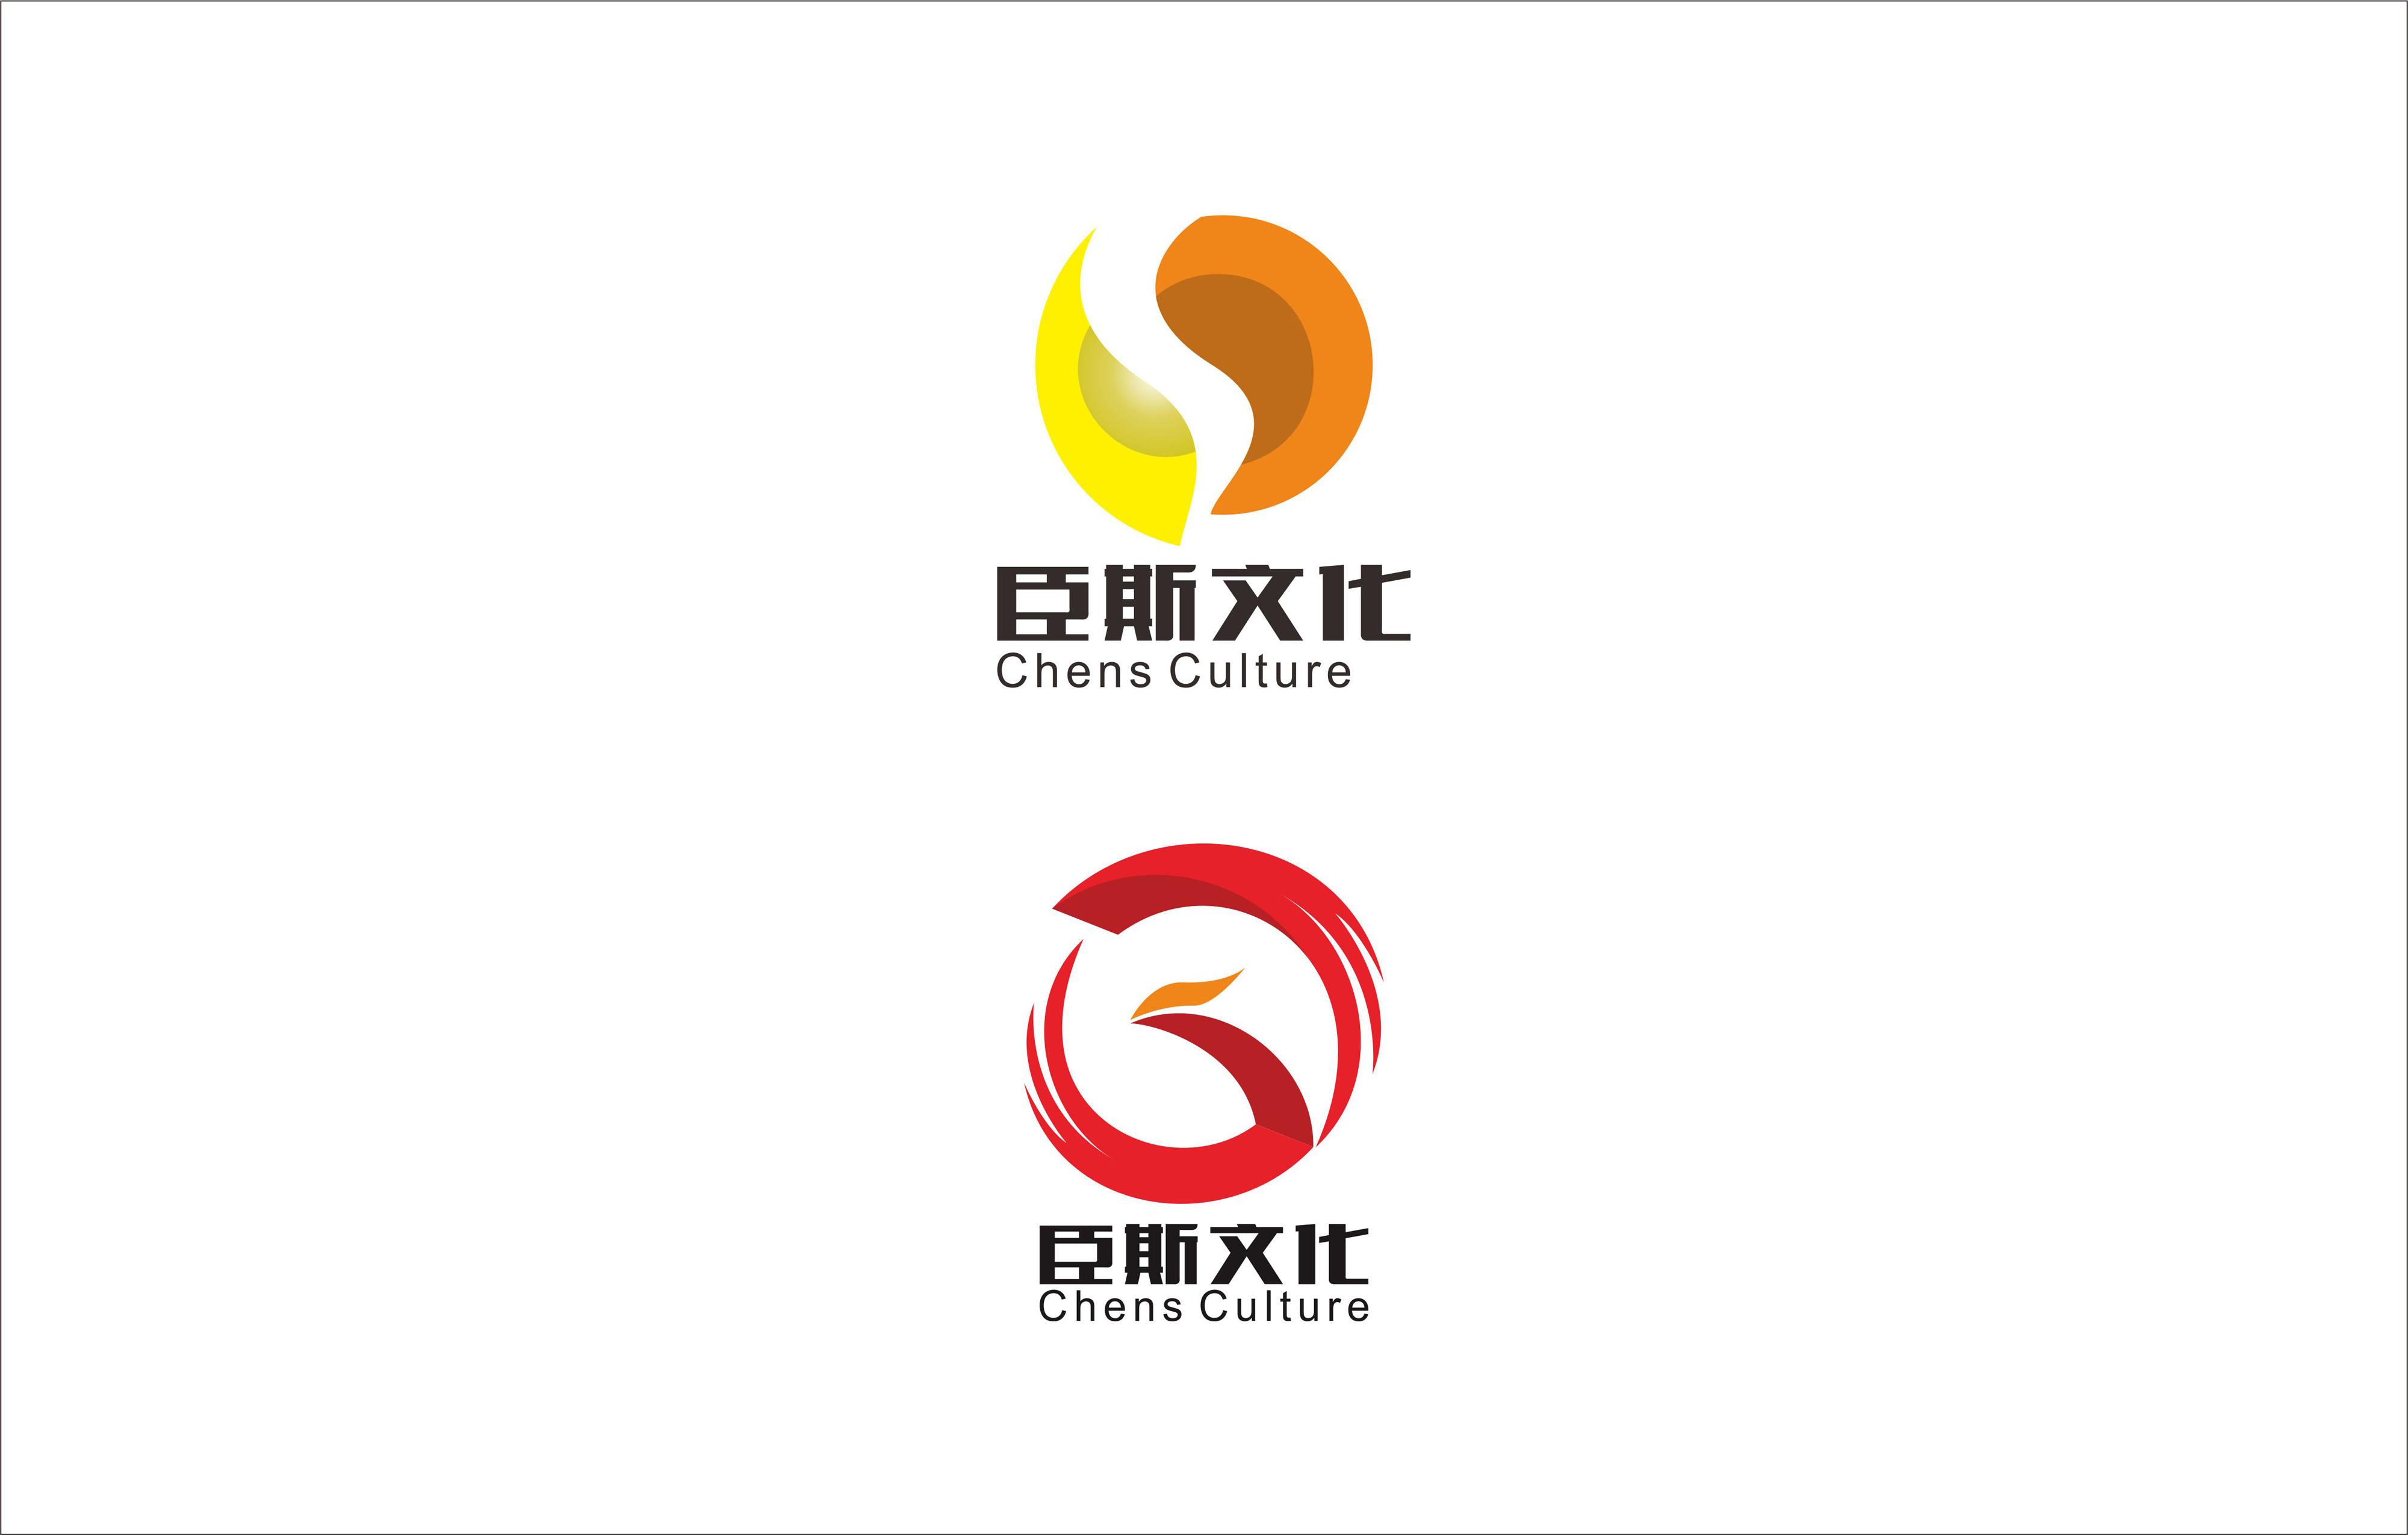 文化传播公司logo_至真广告设计案例展示_一品威客网